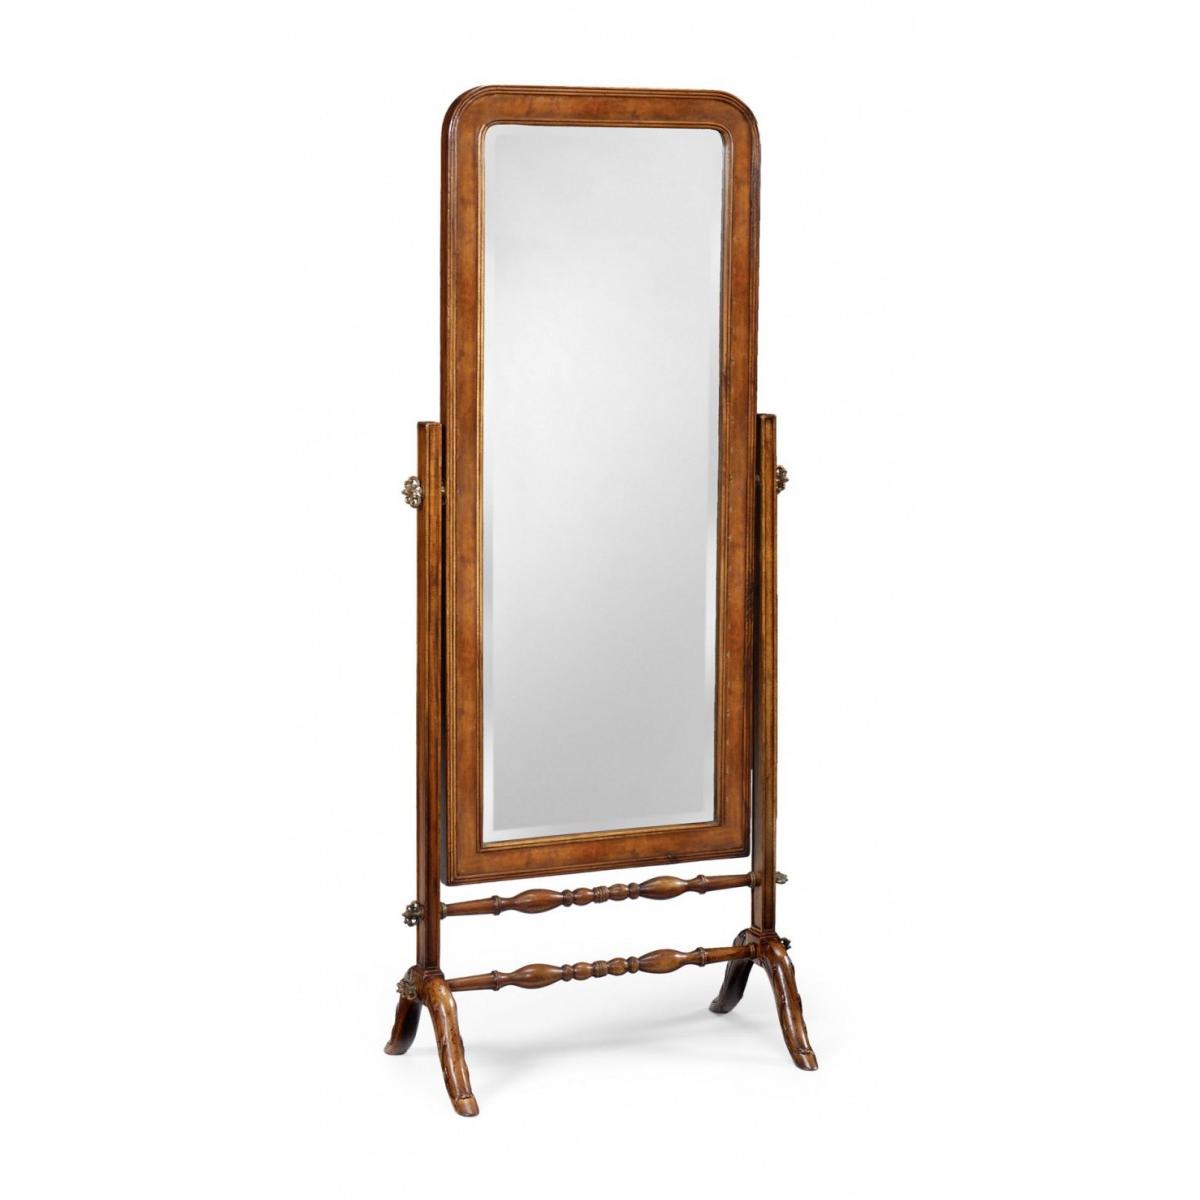 492393 Satinwood cheval mirror (Full length) - на 360.ru: цены, описание, характеристики, где купить в Москве.